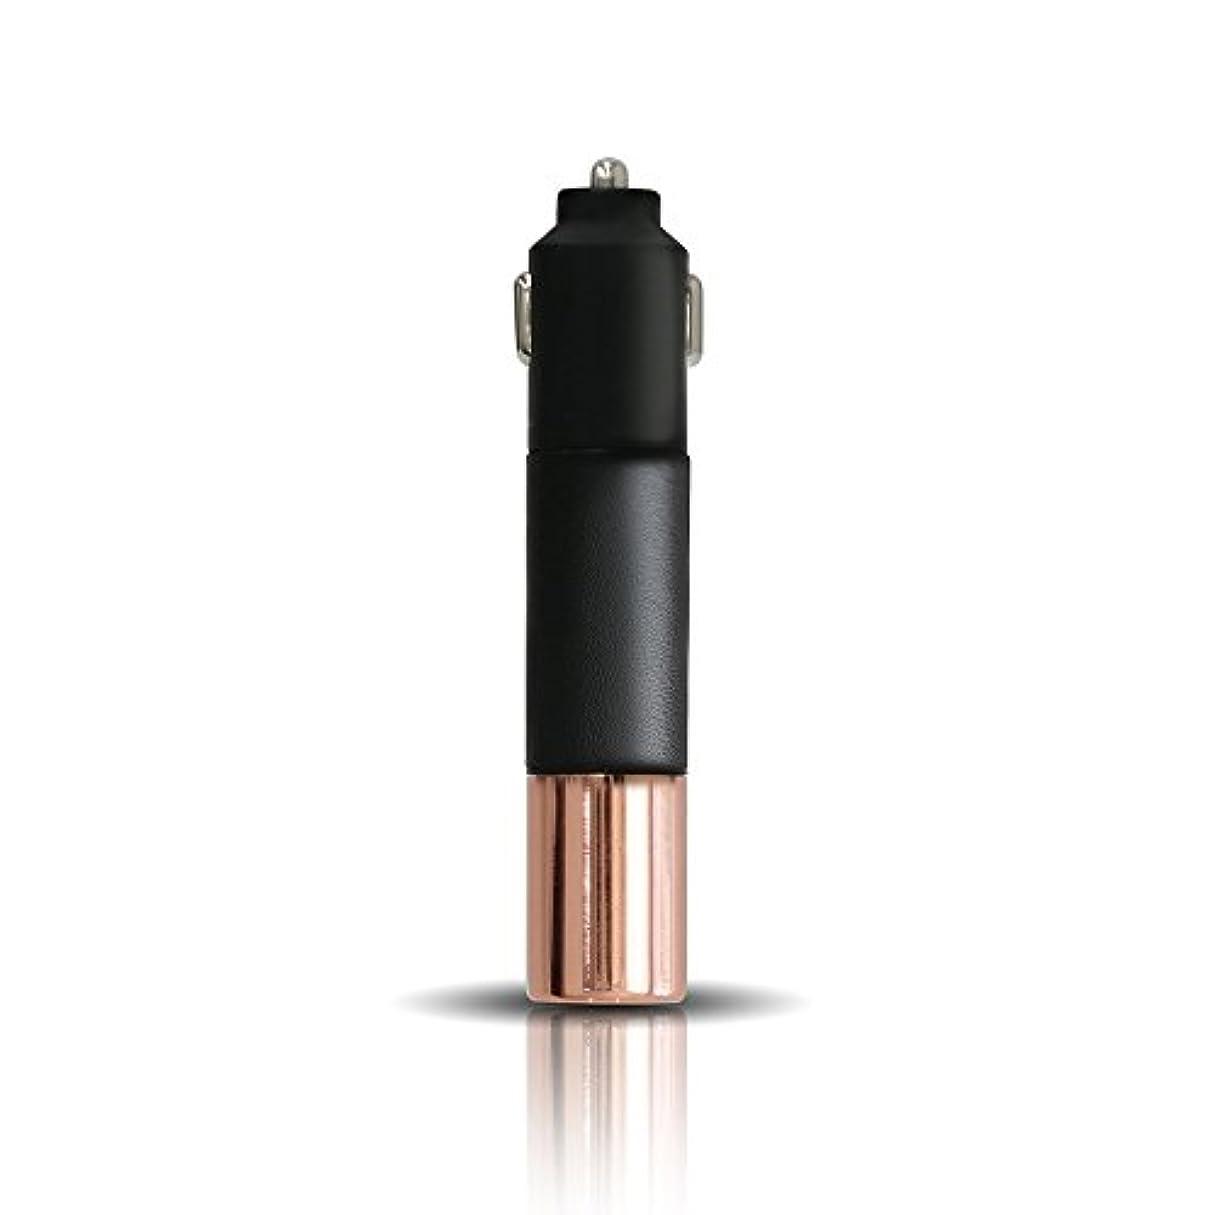 司令官ピジンハンドブックPRISMATE(プリズメイト) Driving Aroma Diffuser Leather and Metal PR-AD02C (BK(ブラック))